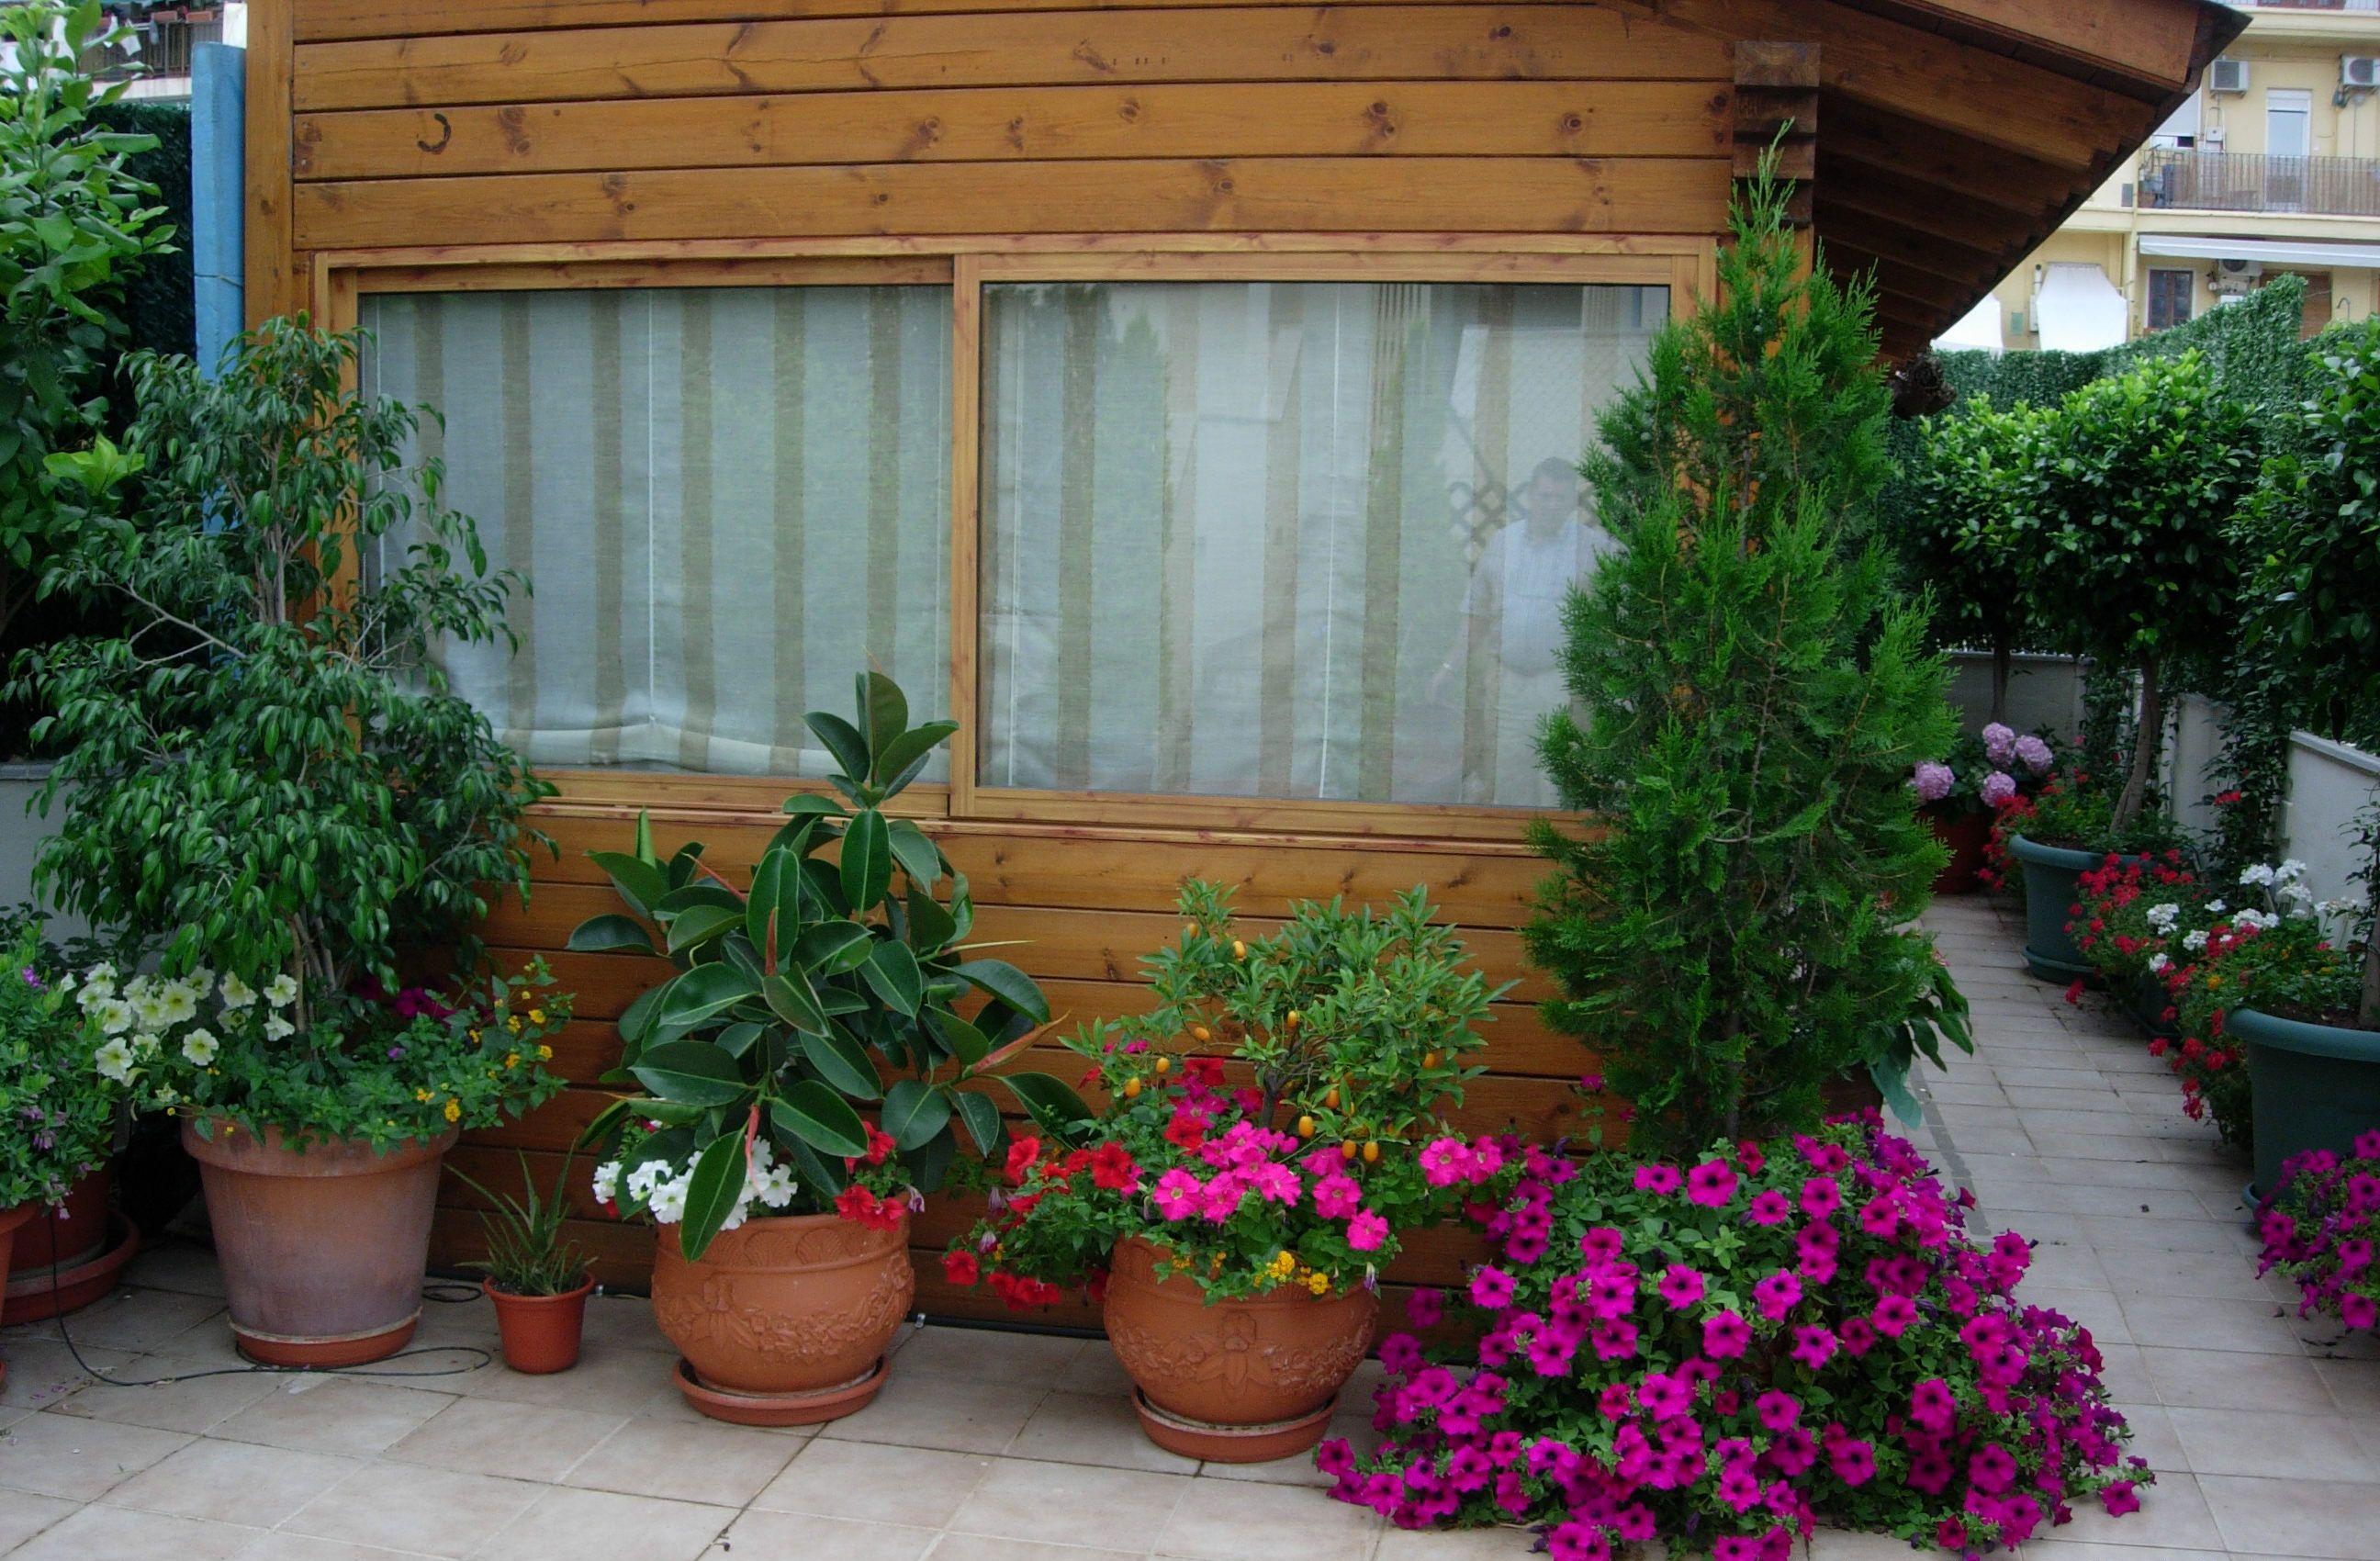 Qu os parece c mo queda todo de nuestro centro de for Jardineria al aire libre casa pendiente